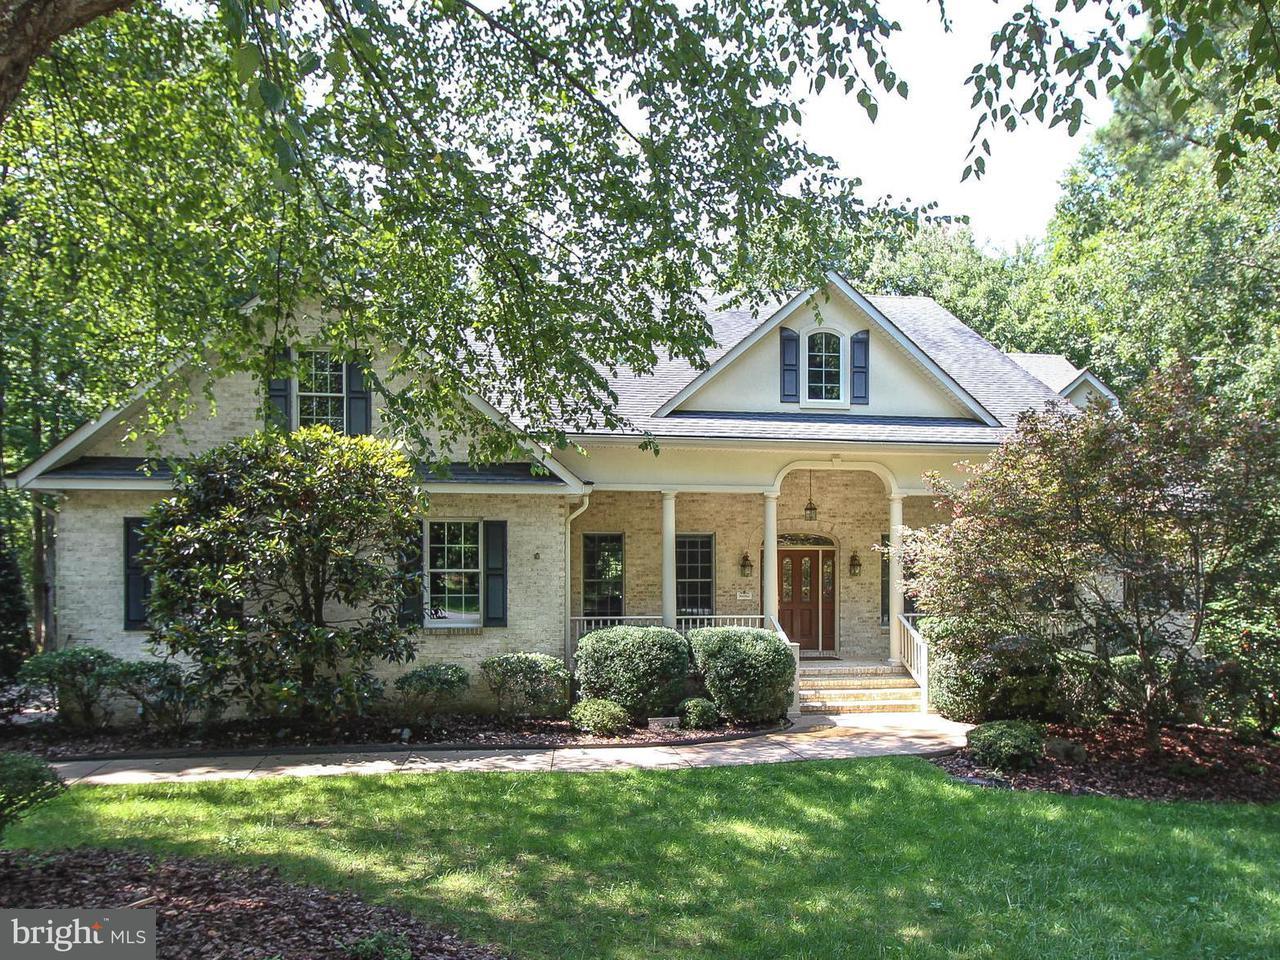 Частный односемейный дом для того Продажа на 11510 Henegan Place 11510 Henegan Place Spotsylvania, Виргиния 22551 Соединенные Штаты